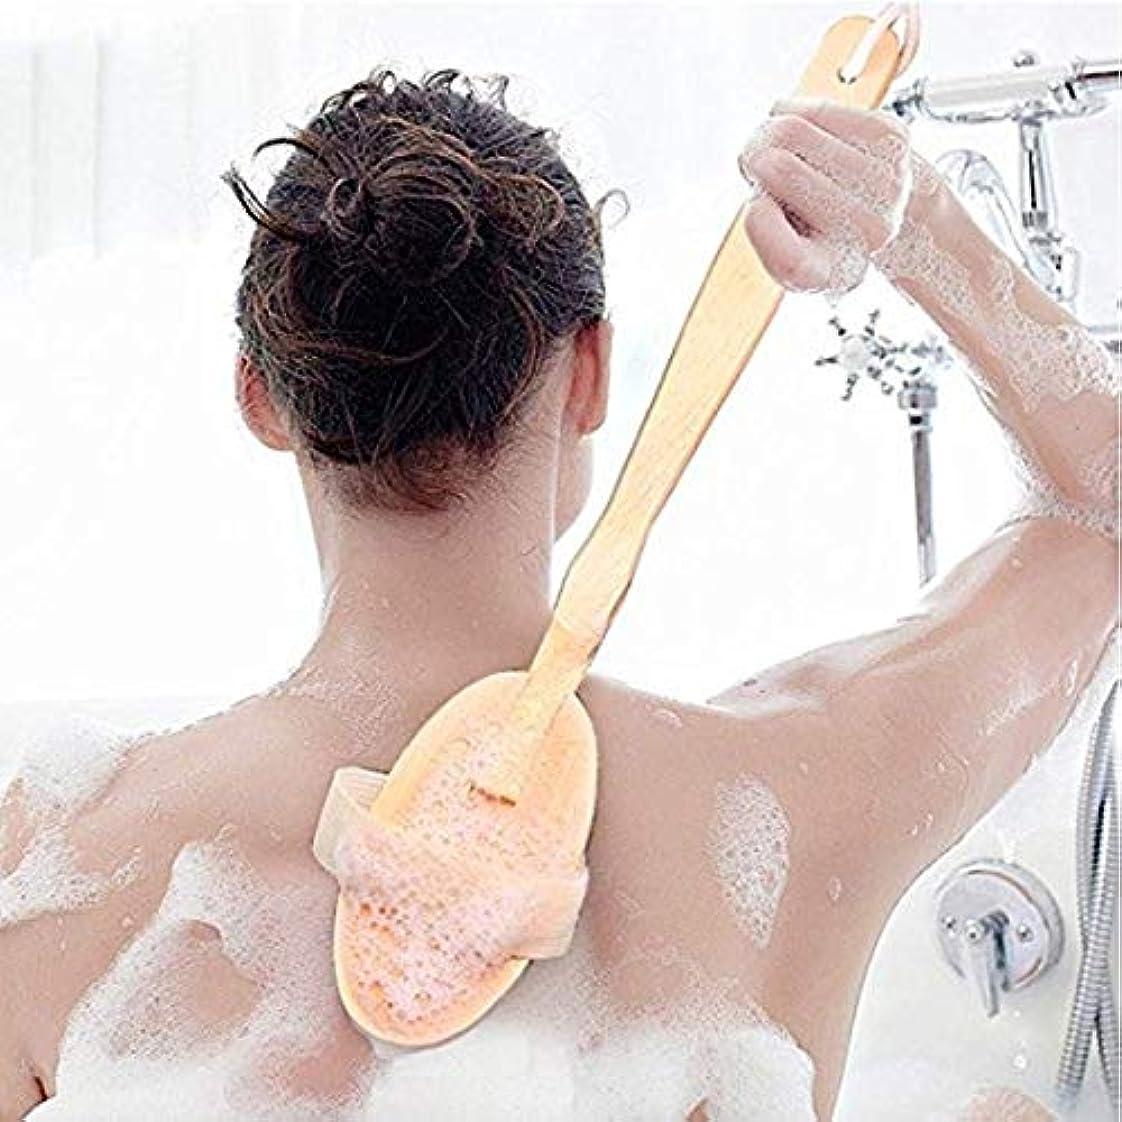 致命的な乗り出す不利益icey 木製 長柄 入浴ブラシ お風呂の神器 ブラシ 入浴ブラシ ブタのたらいブラシ 軟毛 背中をこす 背中長柄ボディブラシ高級木製豚毛入浴ブラシ美肌効果むくみ改善